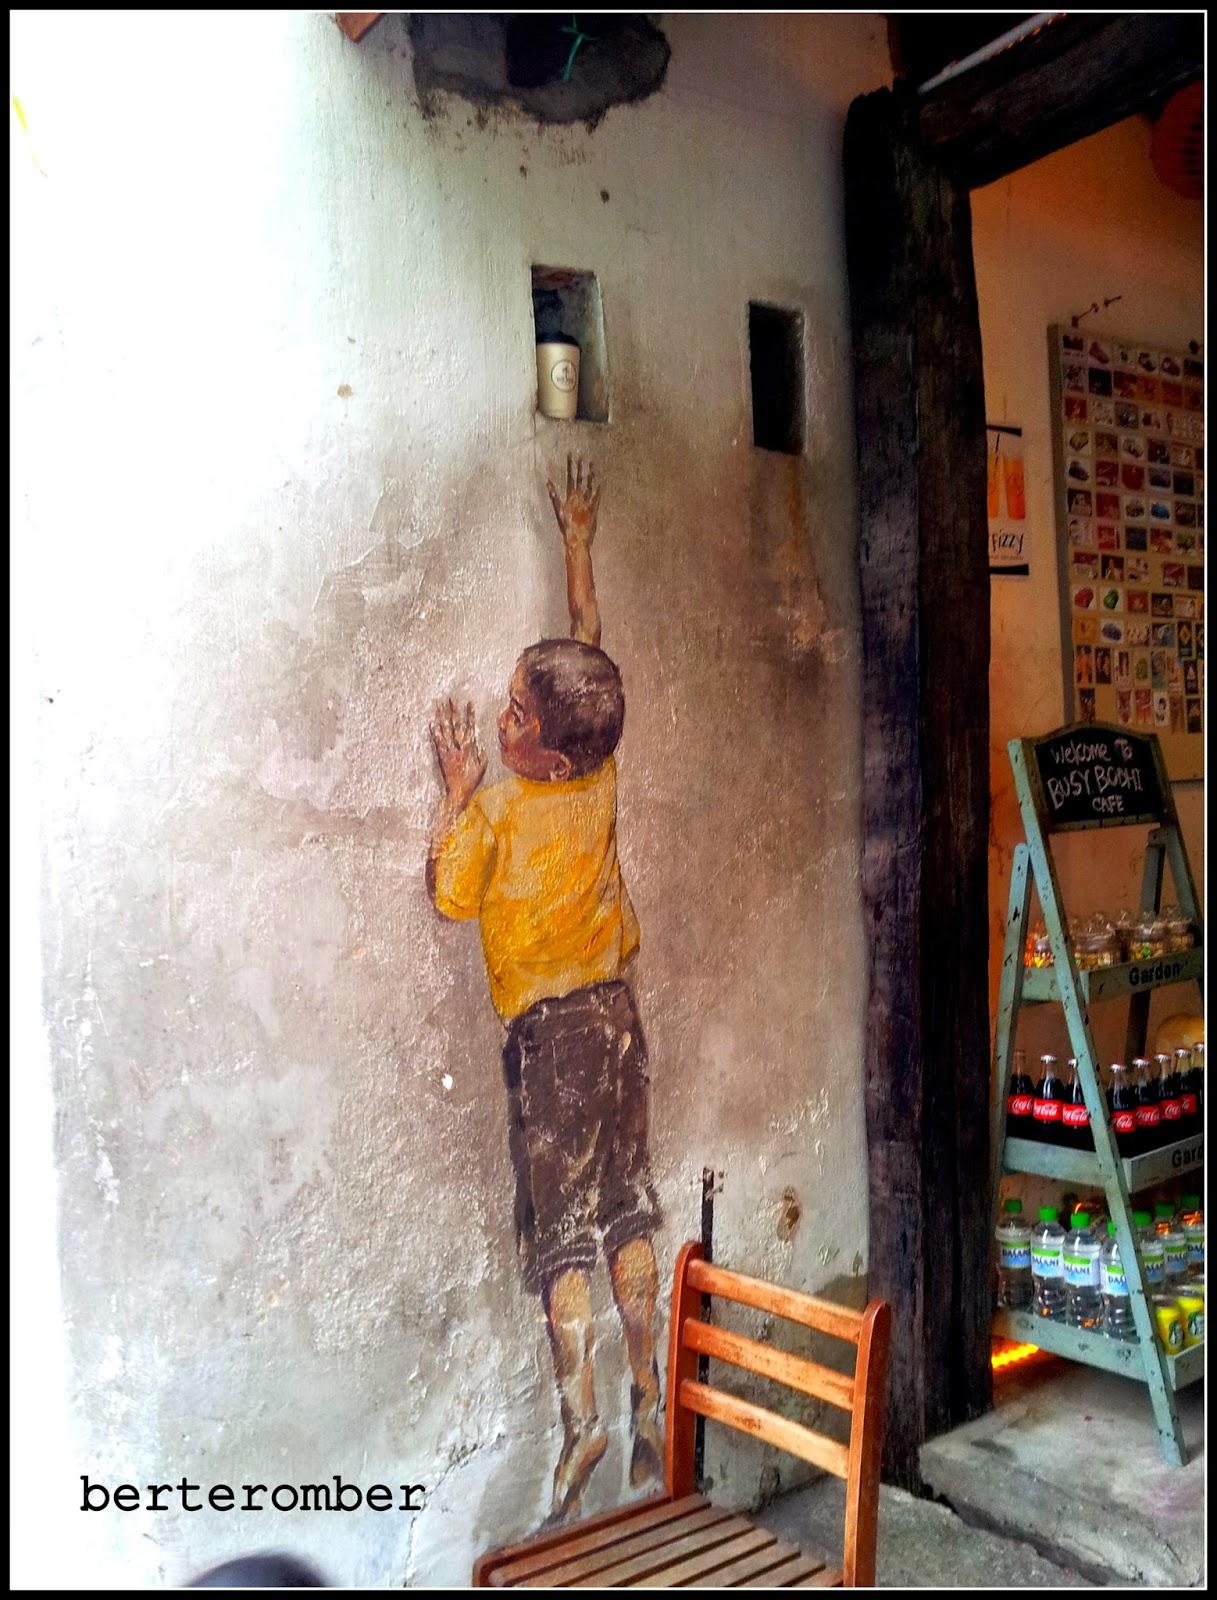 Swing Chair Penang Turquoise Desk Target Berteromber Street Art